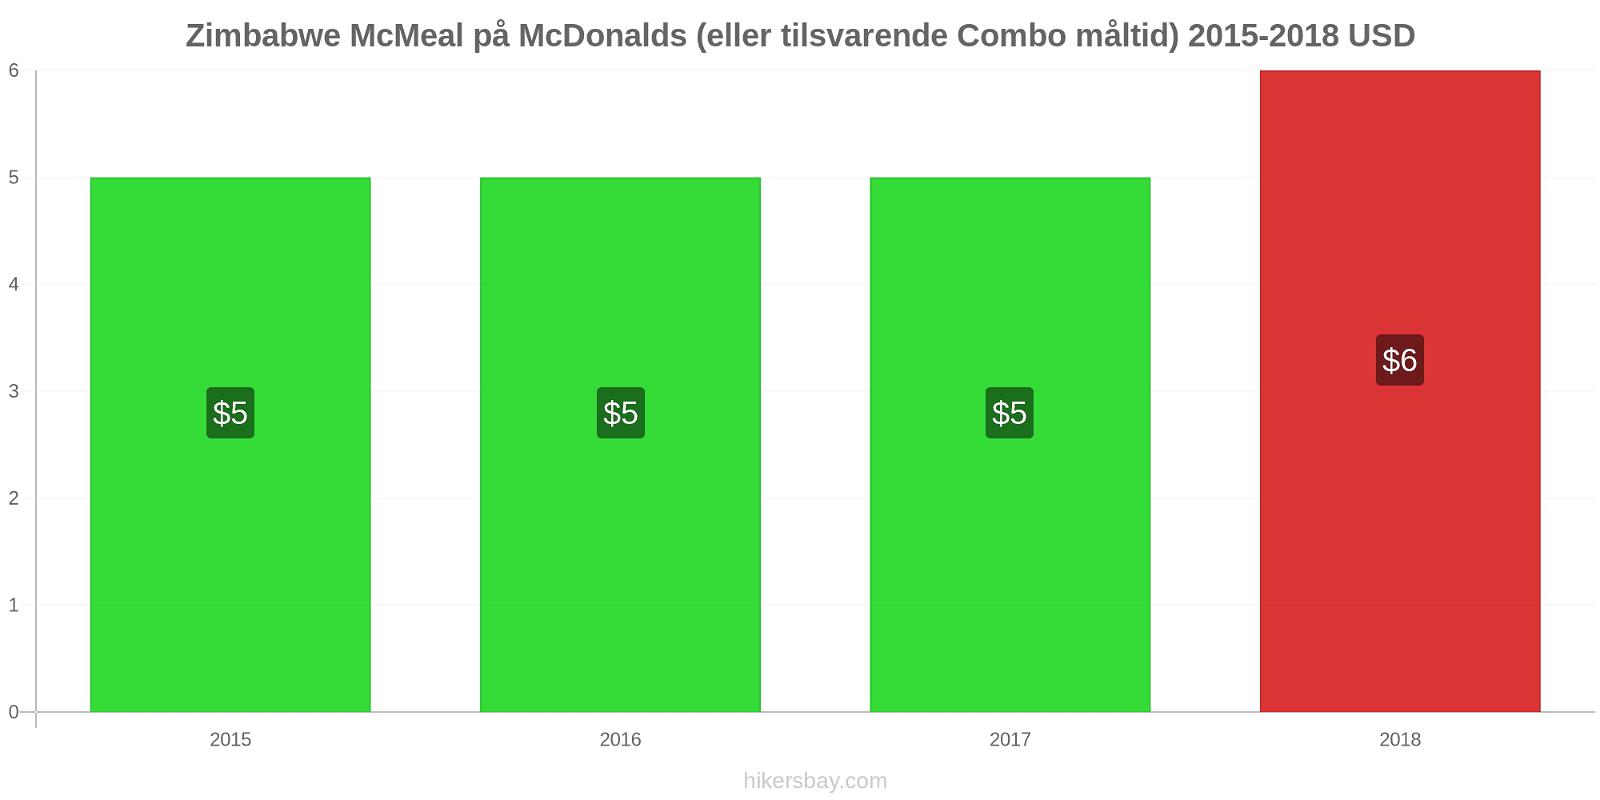 Zimbabwe prisendringer McMeal på McDonalds (eller tilsvarende Combo måltid) hikersbay.com